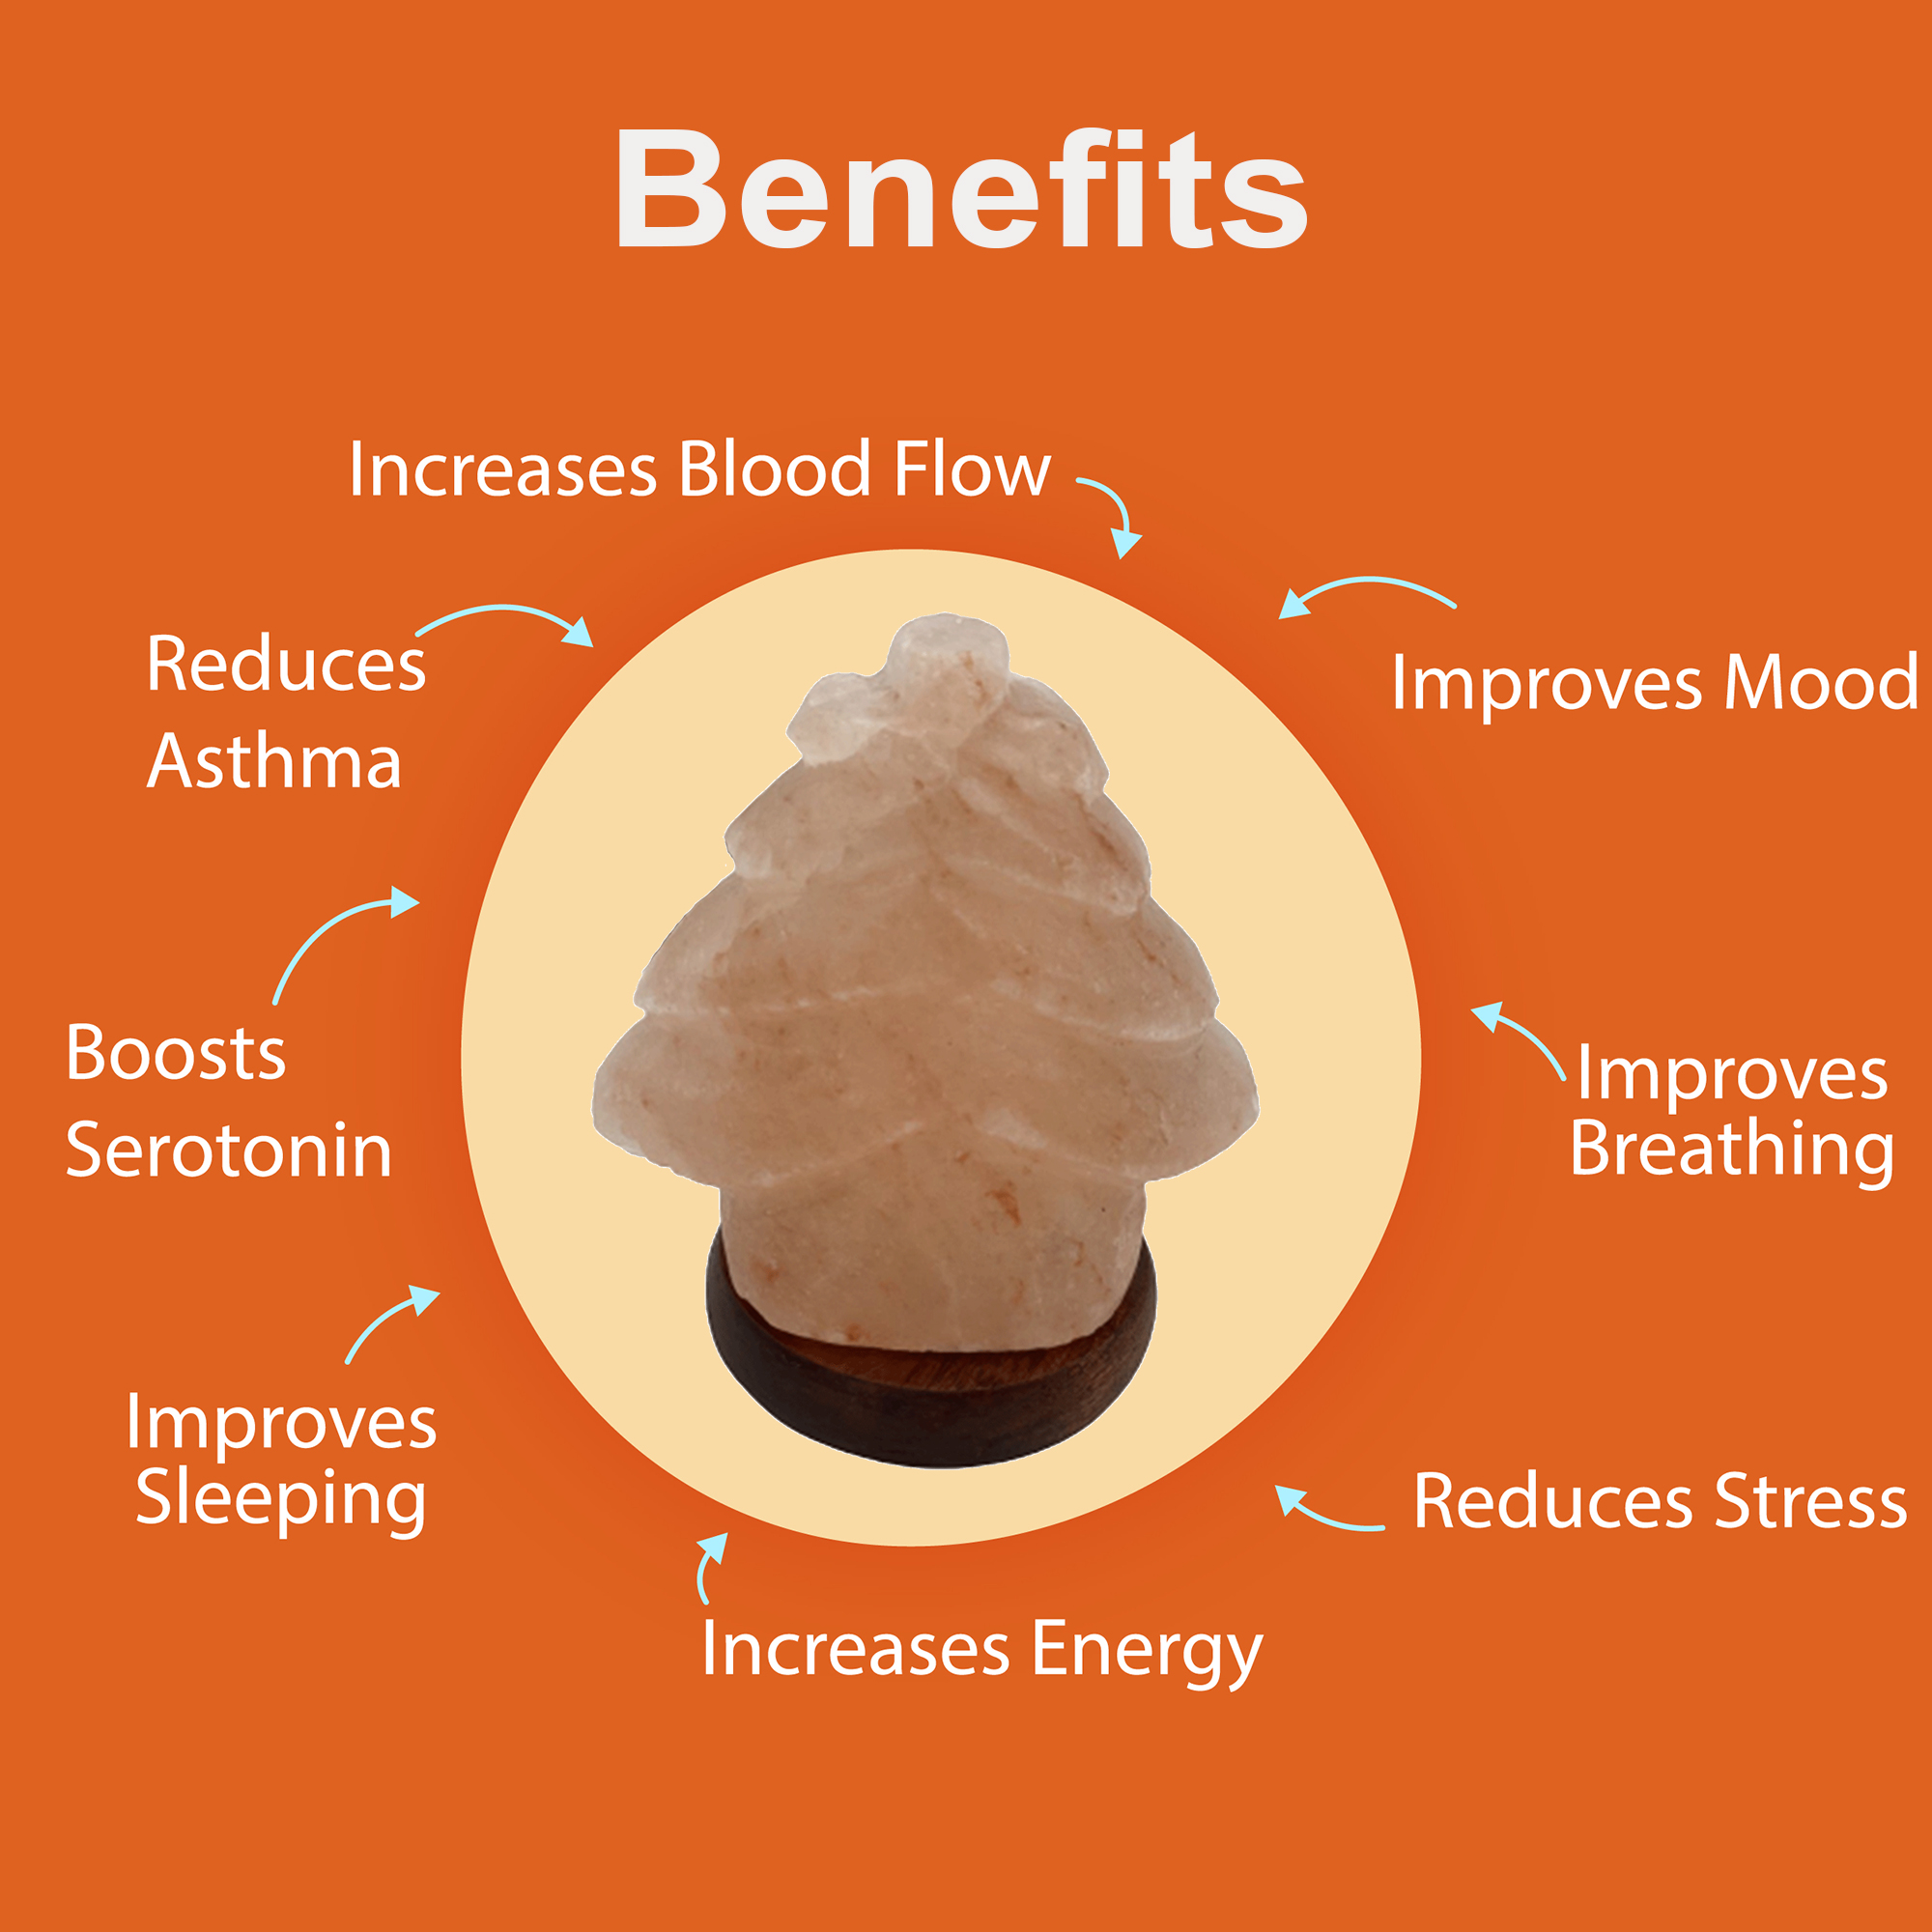 7 benefits 77 - Saltpur Himalayan Salts